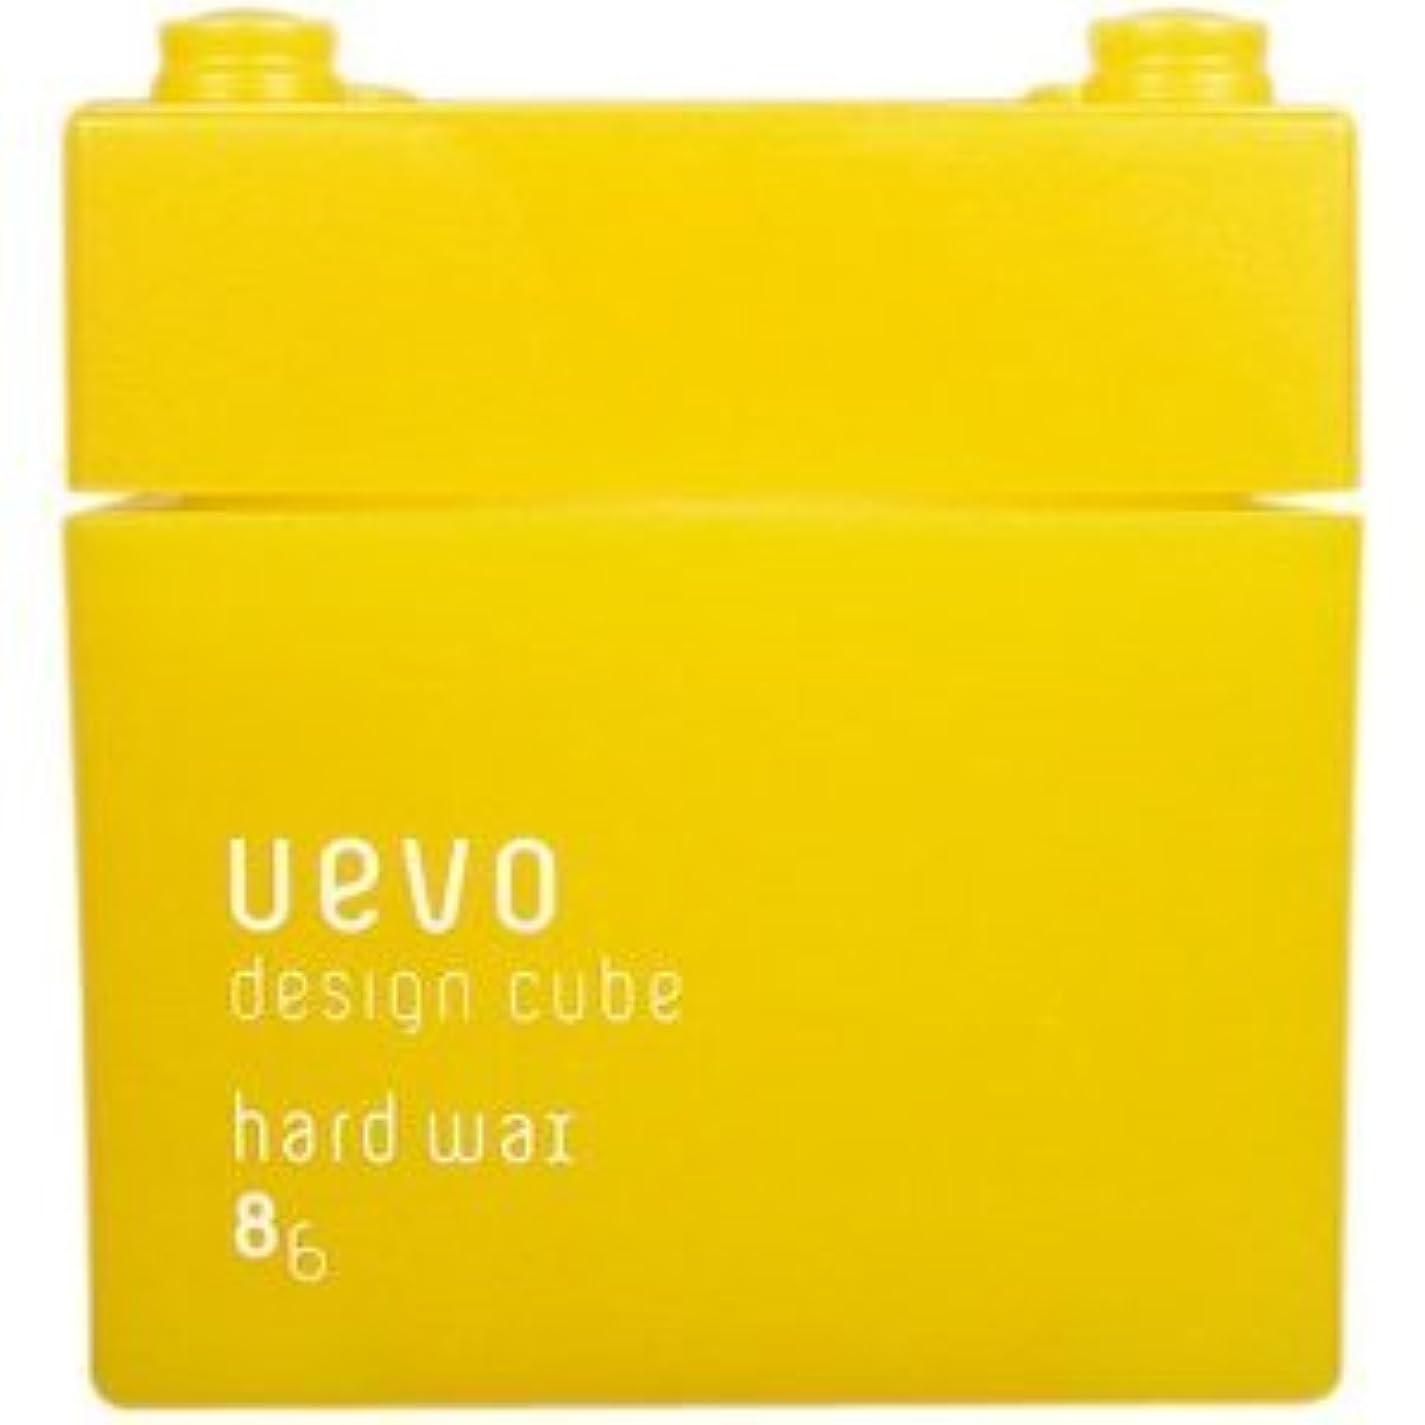 アーク飲み込む本質的ではない【X3個セット】 デミ ウェーボ デザインキューブ ハードワックス 80g hard wax DEMI uevo design cube